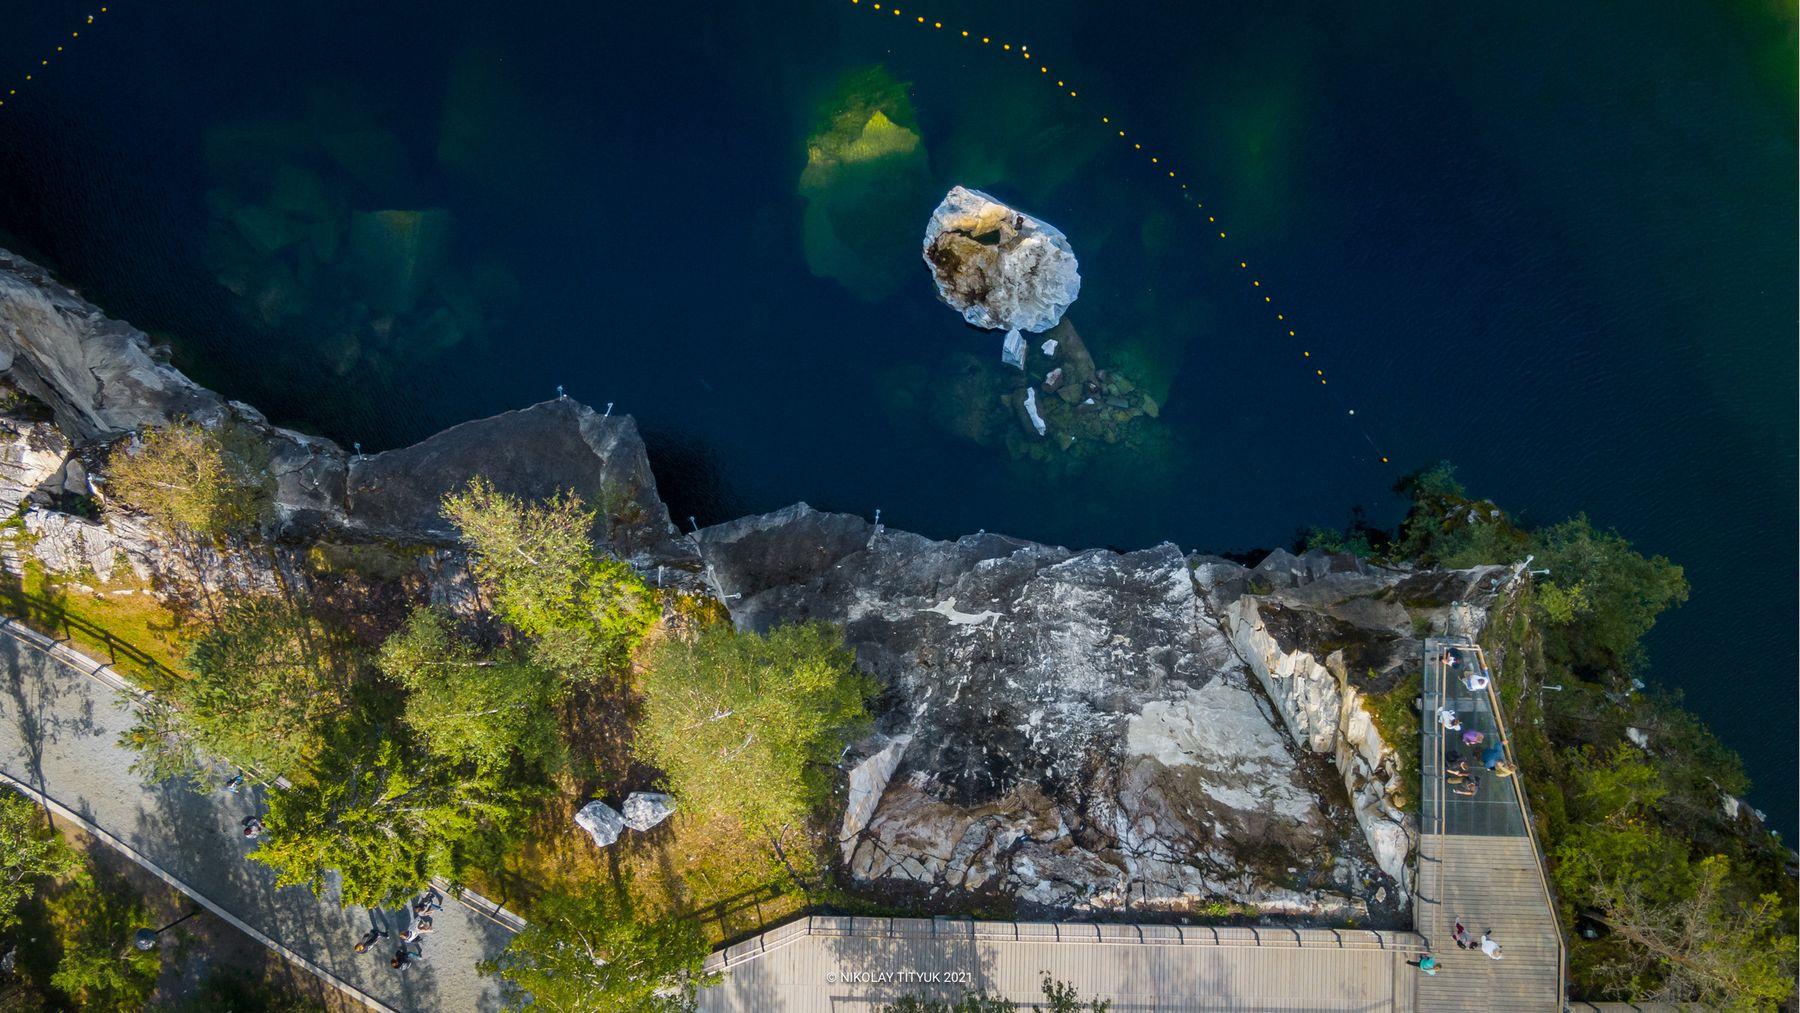 Горный Парк Рускеала. Карелия. Рускеала Карелия вид вниз природа мрамор скала озеро лето экотропа вода